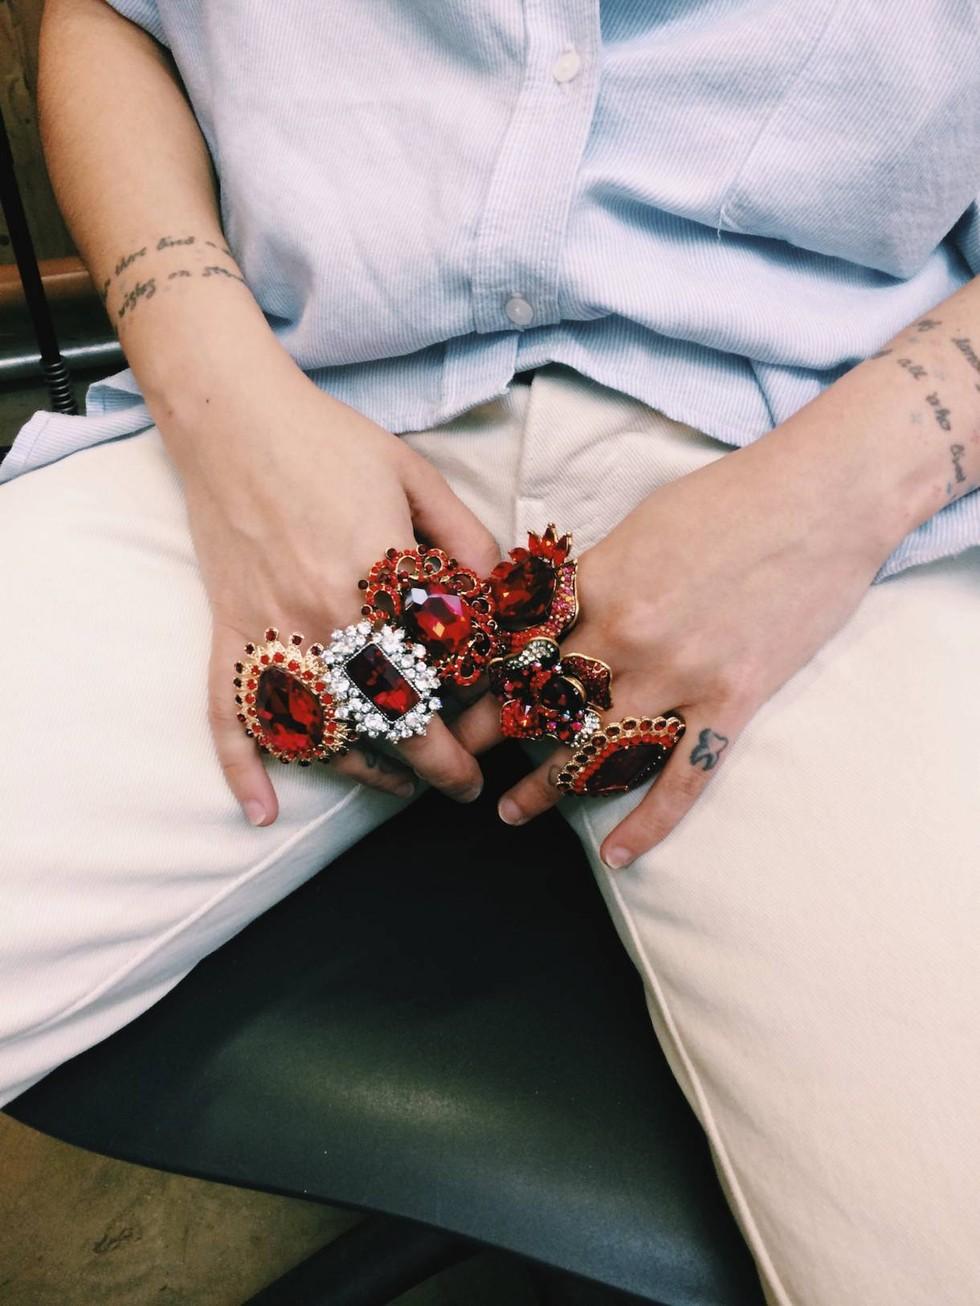 I gioielli da indossare durante il ciclo: provocazione o soluzione?